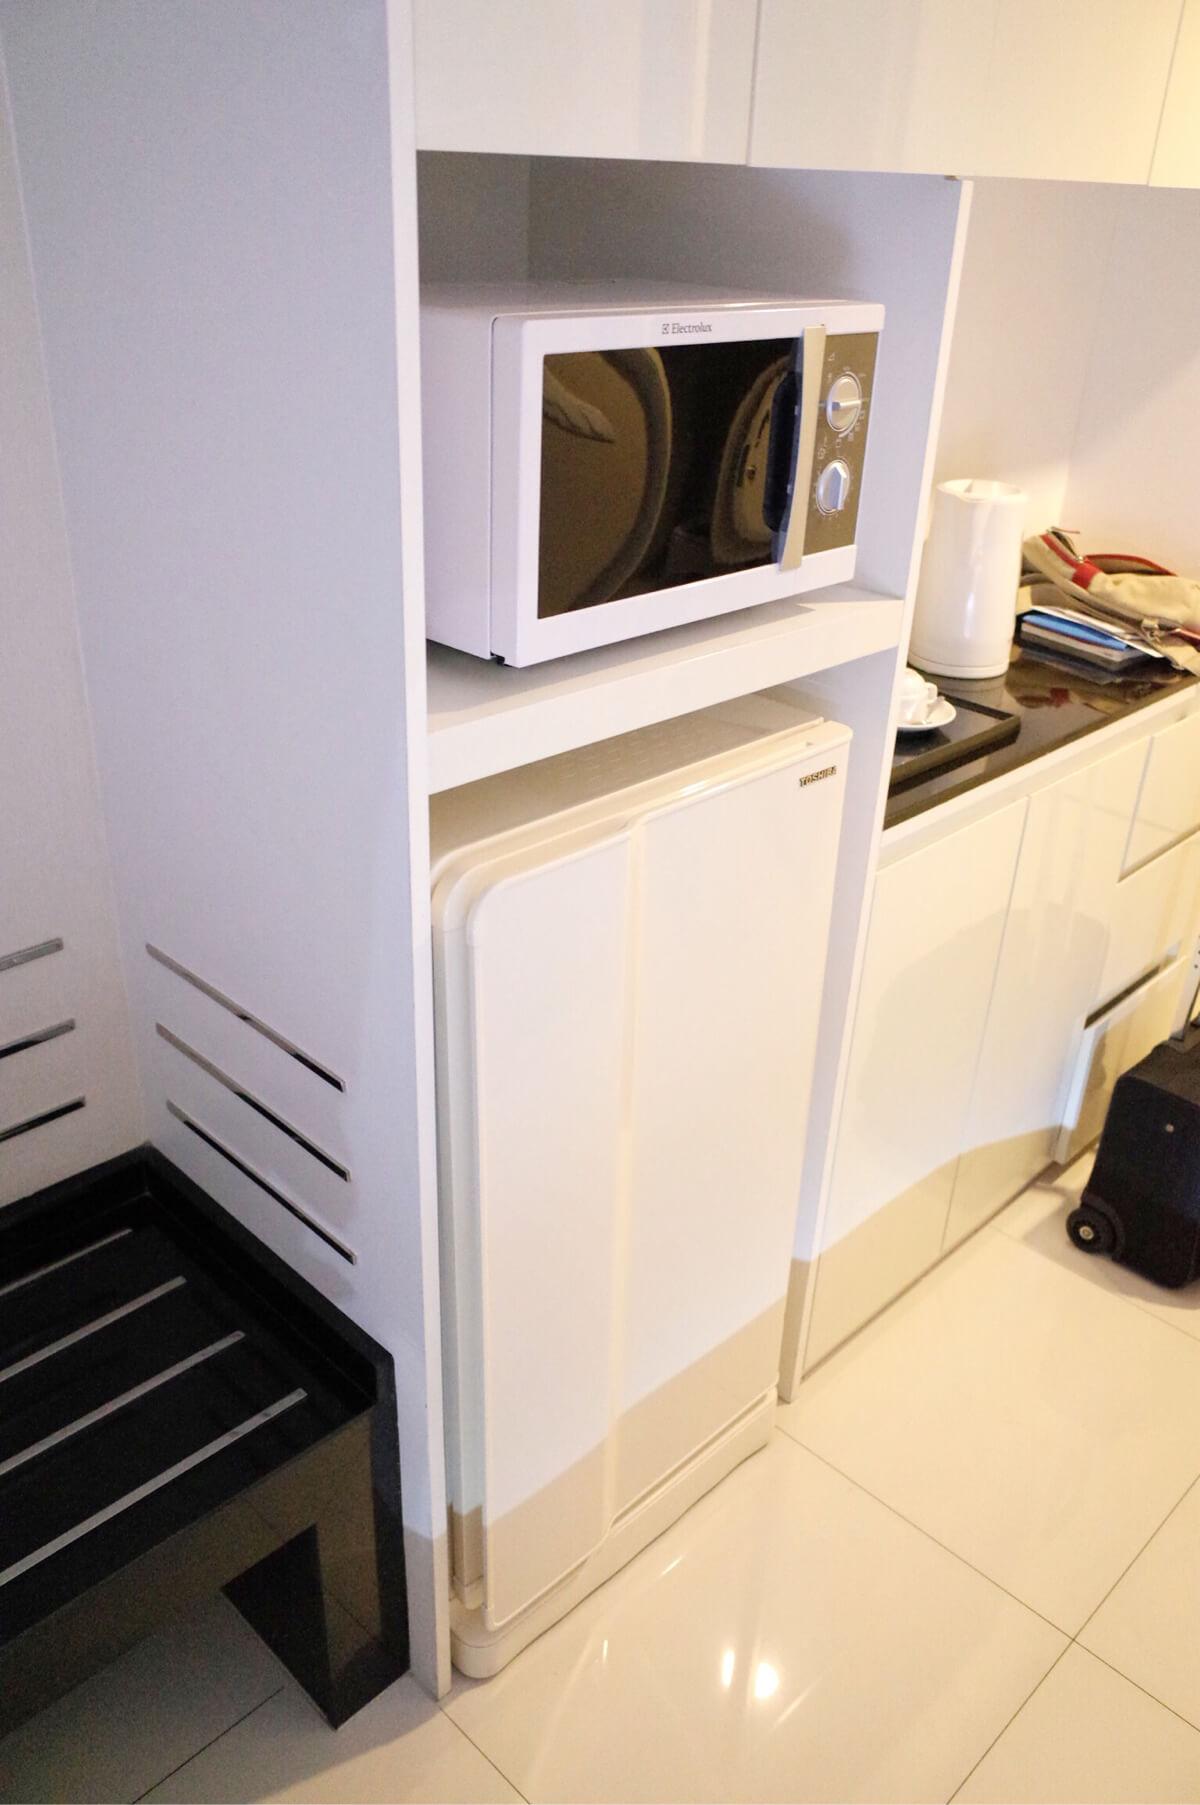 バンコク マンダリンホテル 冷蔵庫 電子レンジ